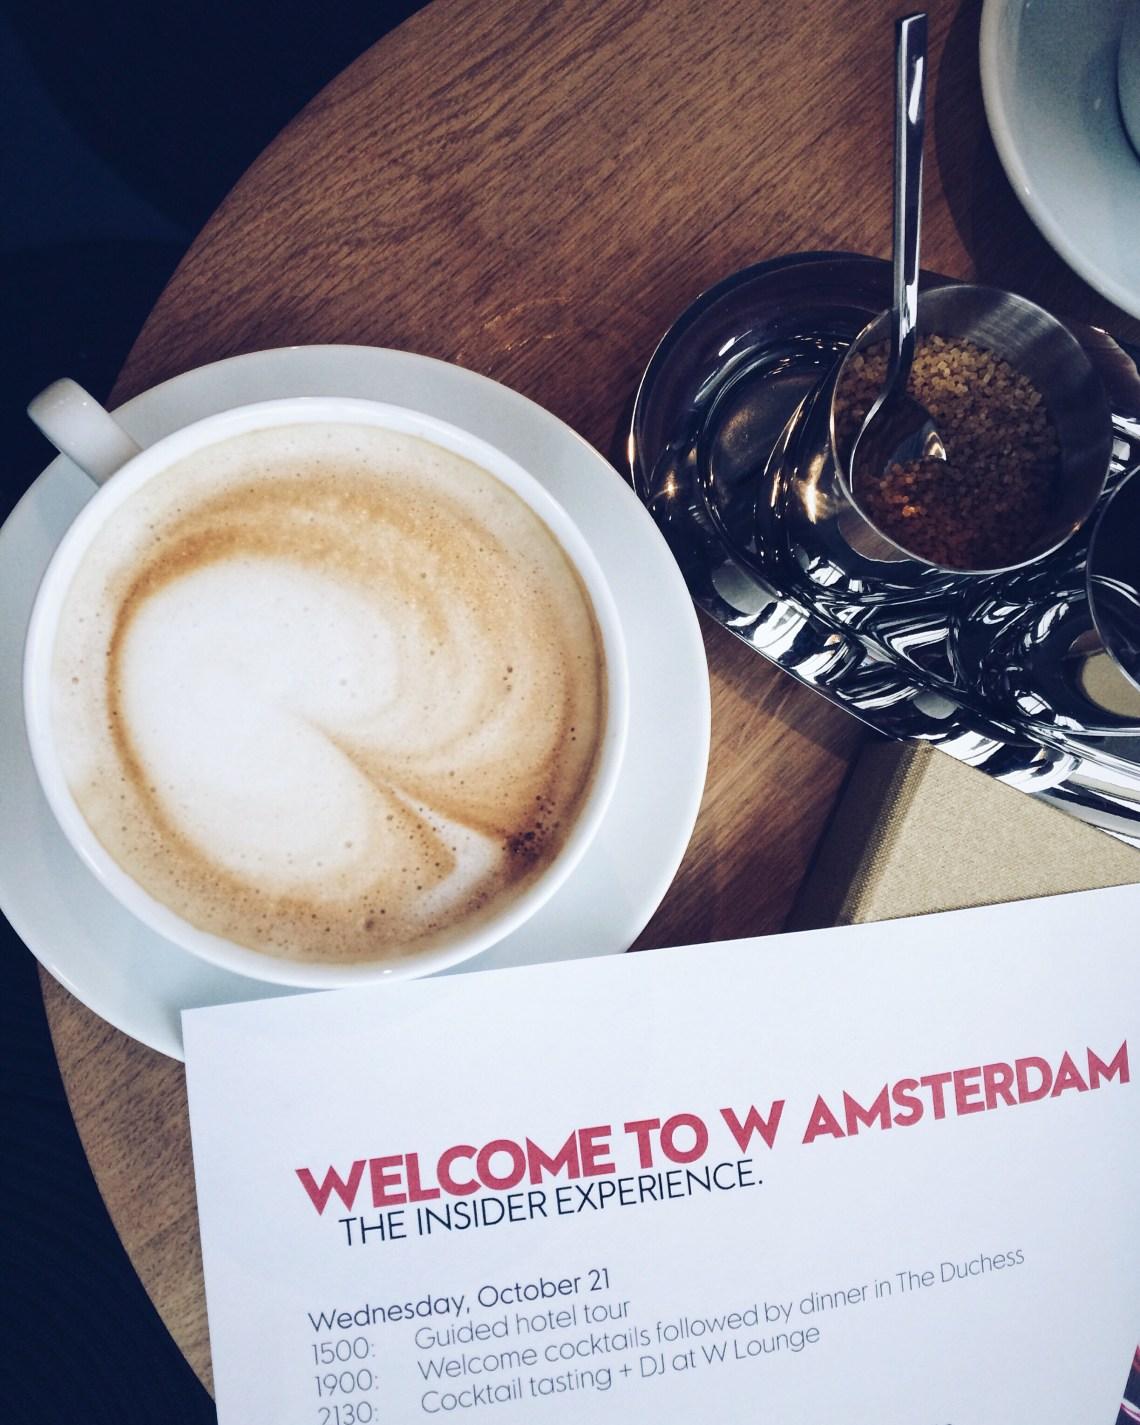 Amsterdam W hotels